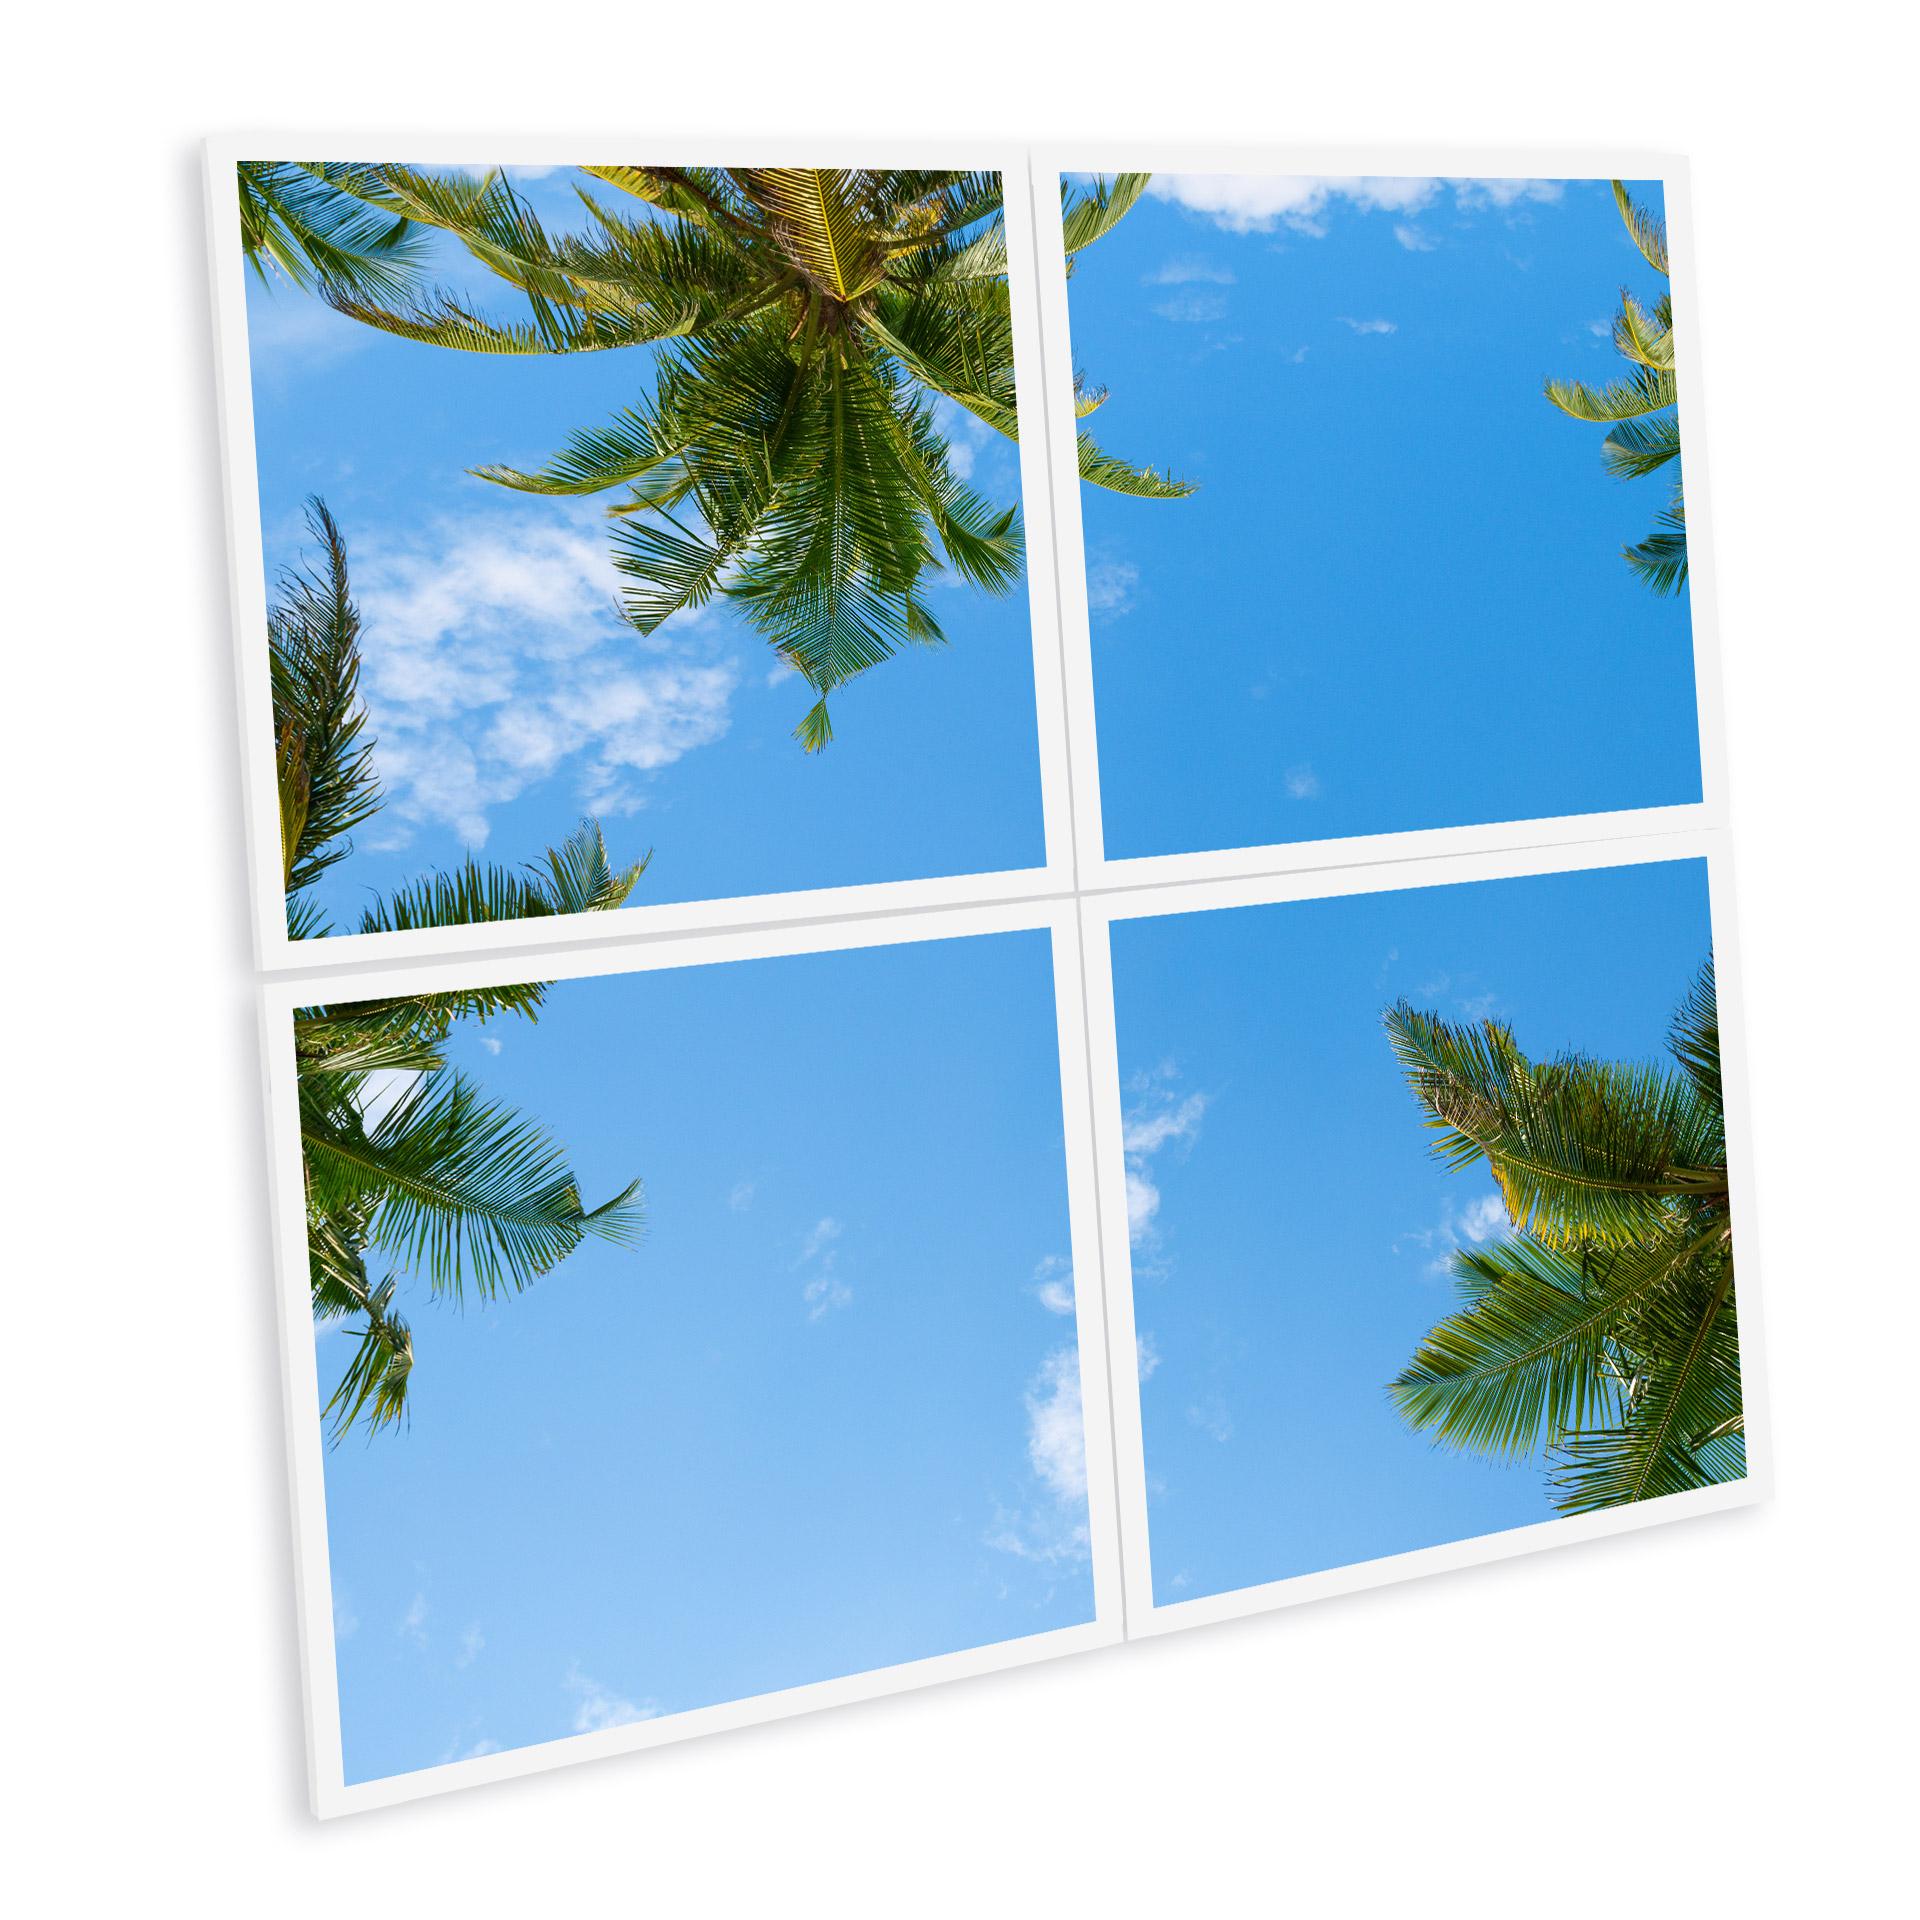 panneau led imprimé et personnalisé ciel palmier